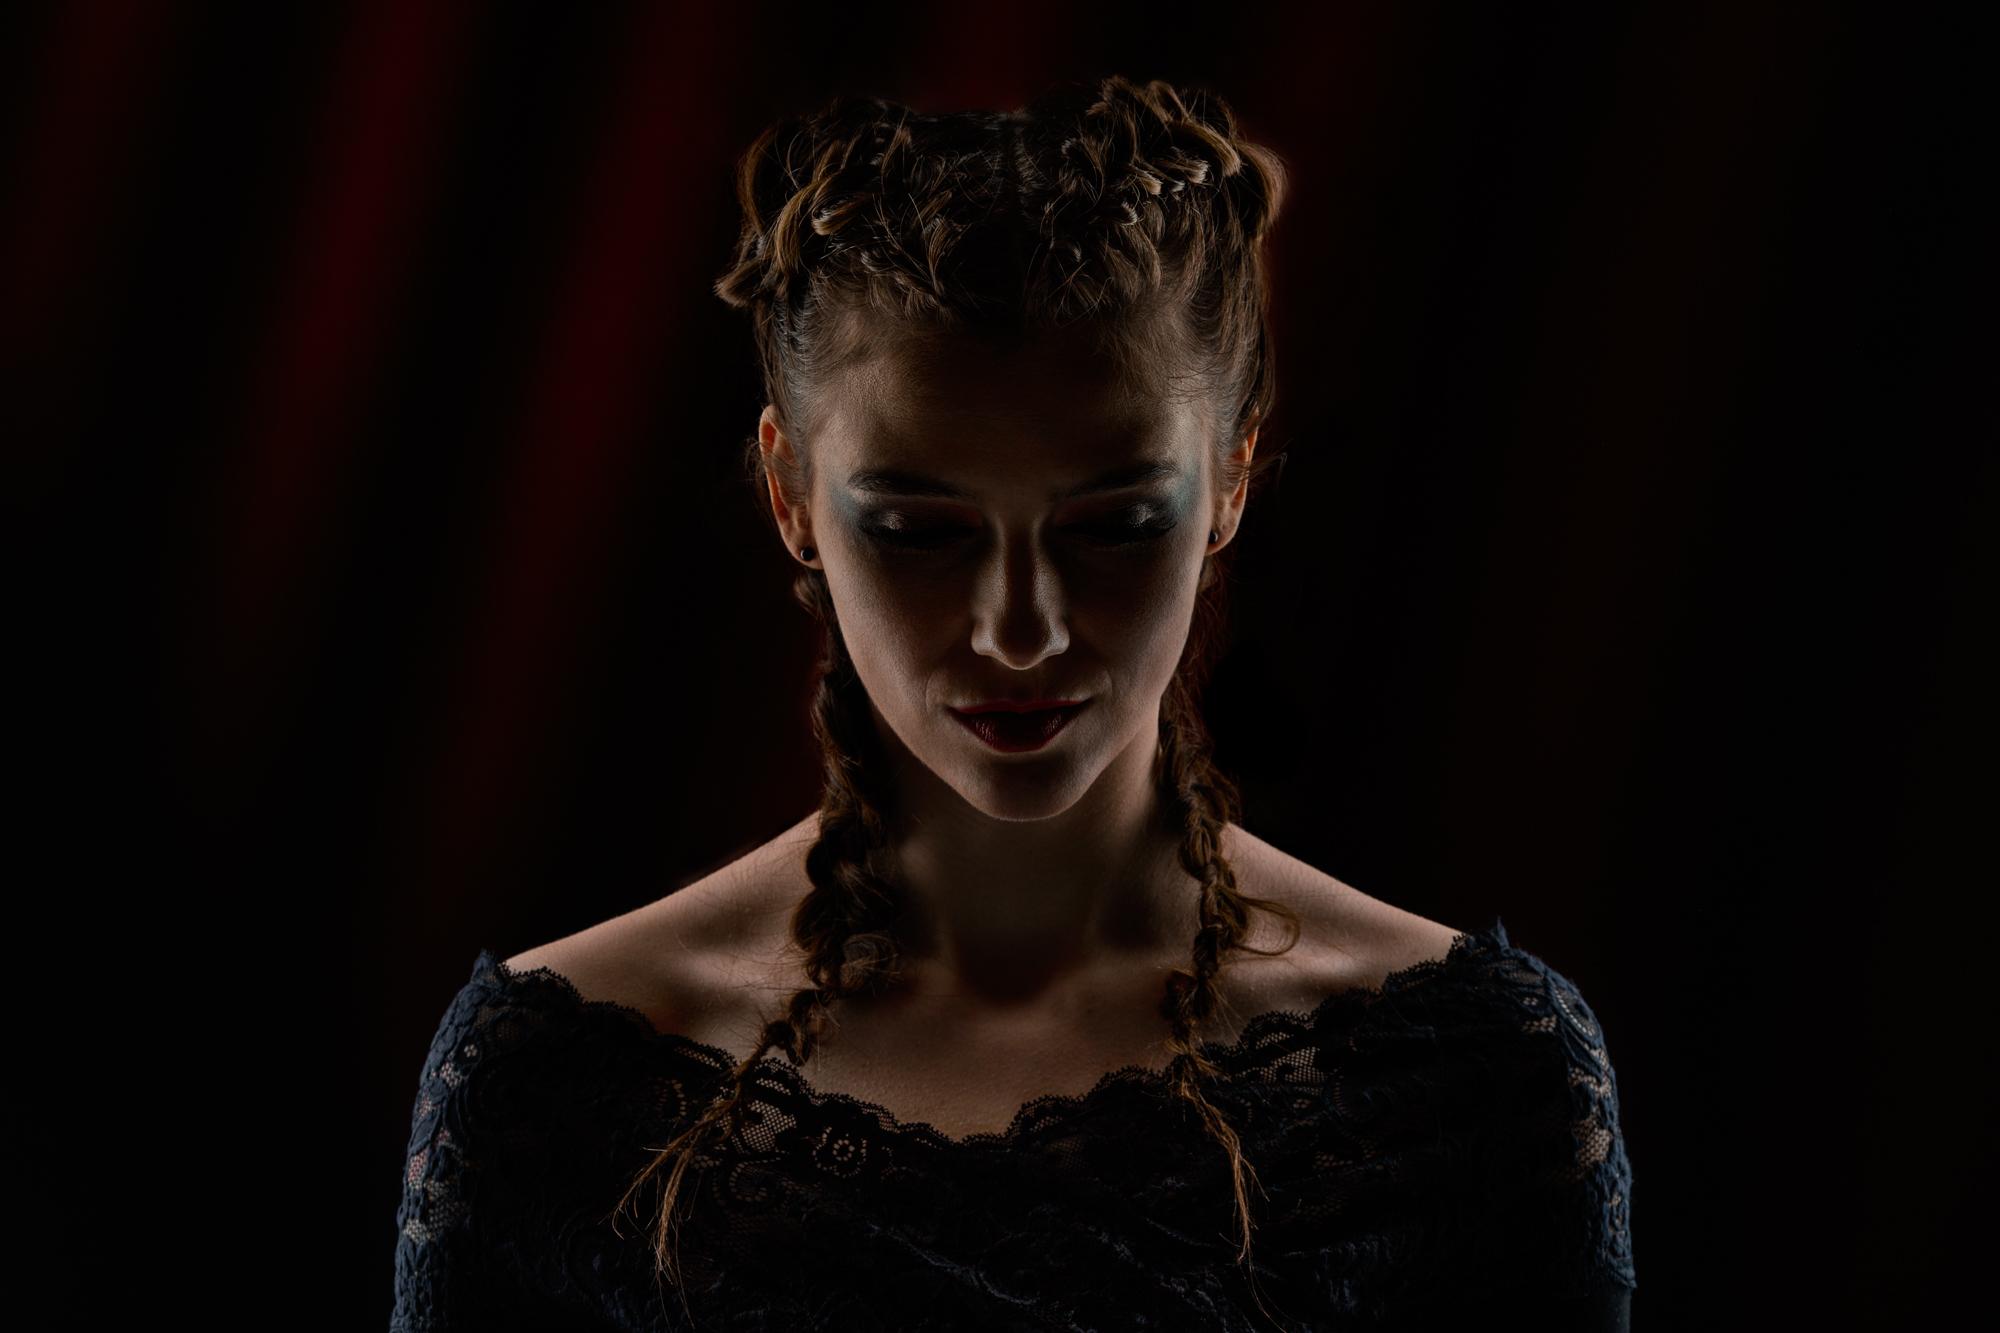 Model: Frederikke Salvatore / Makeup: CamillaDecor